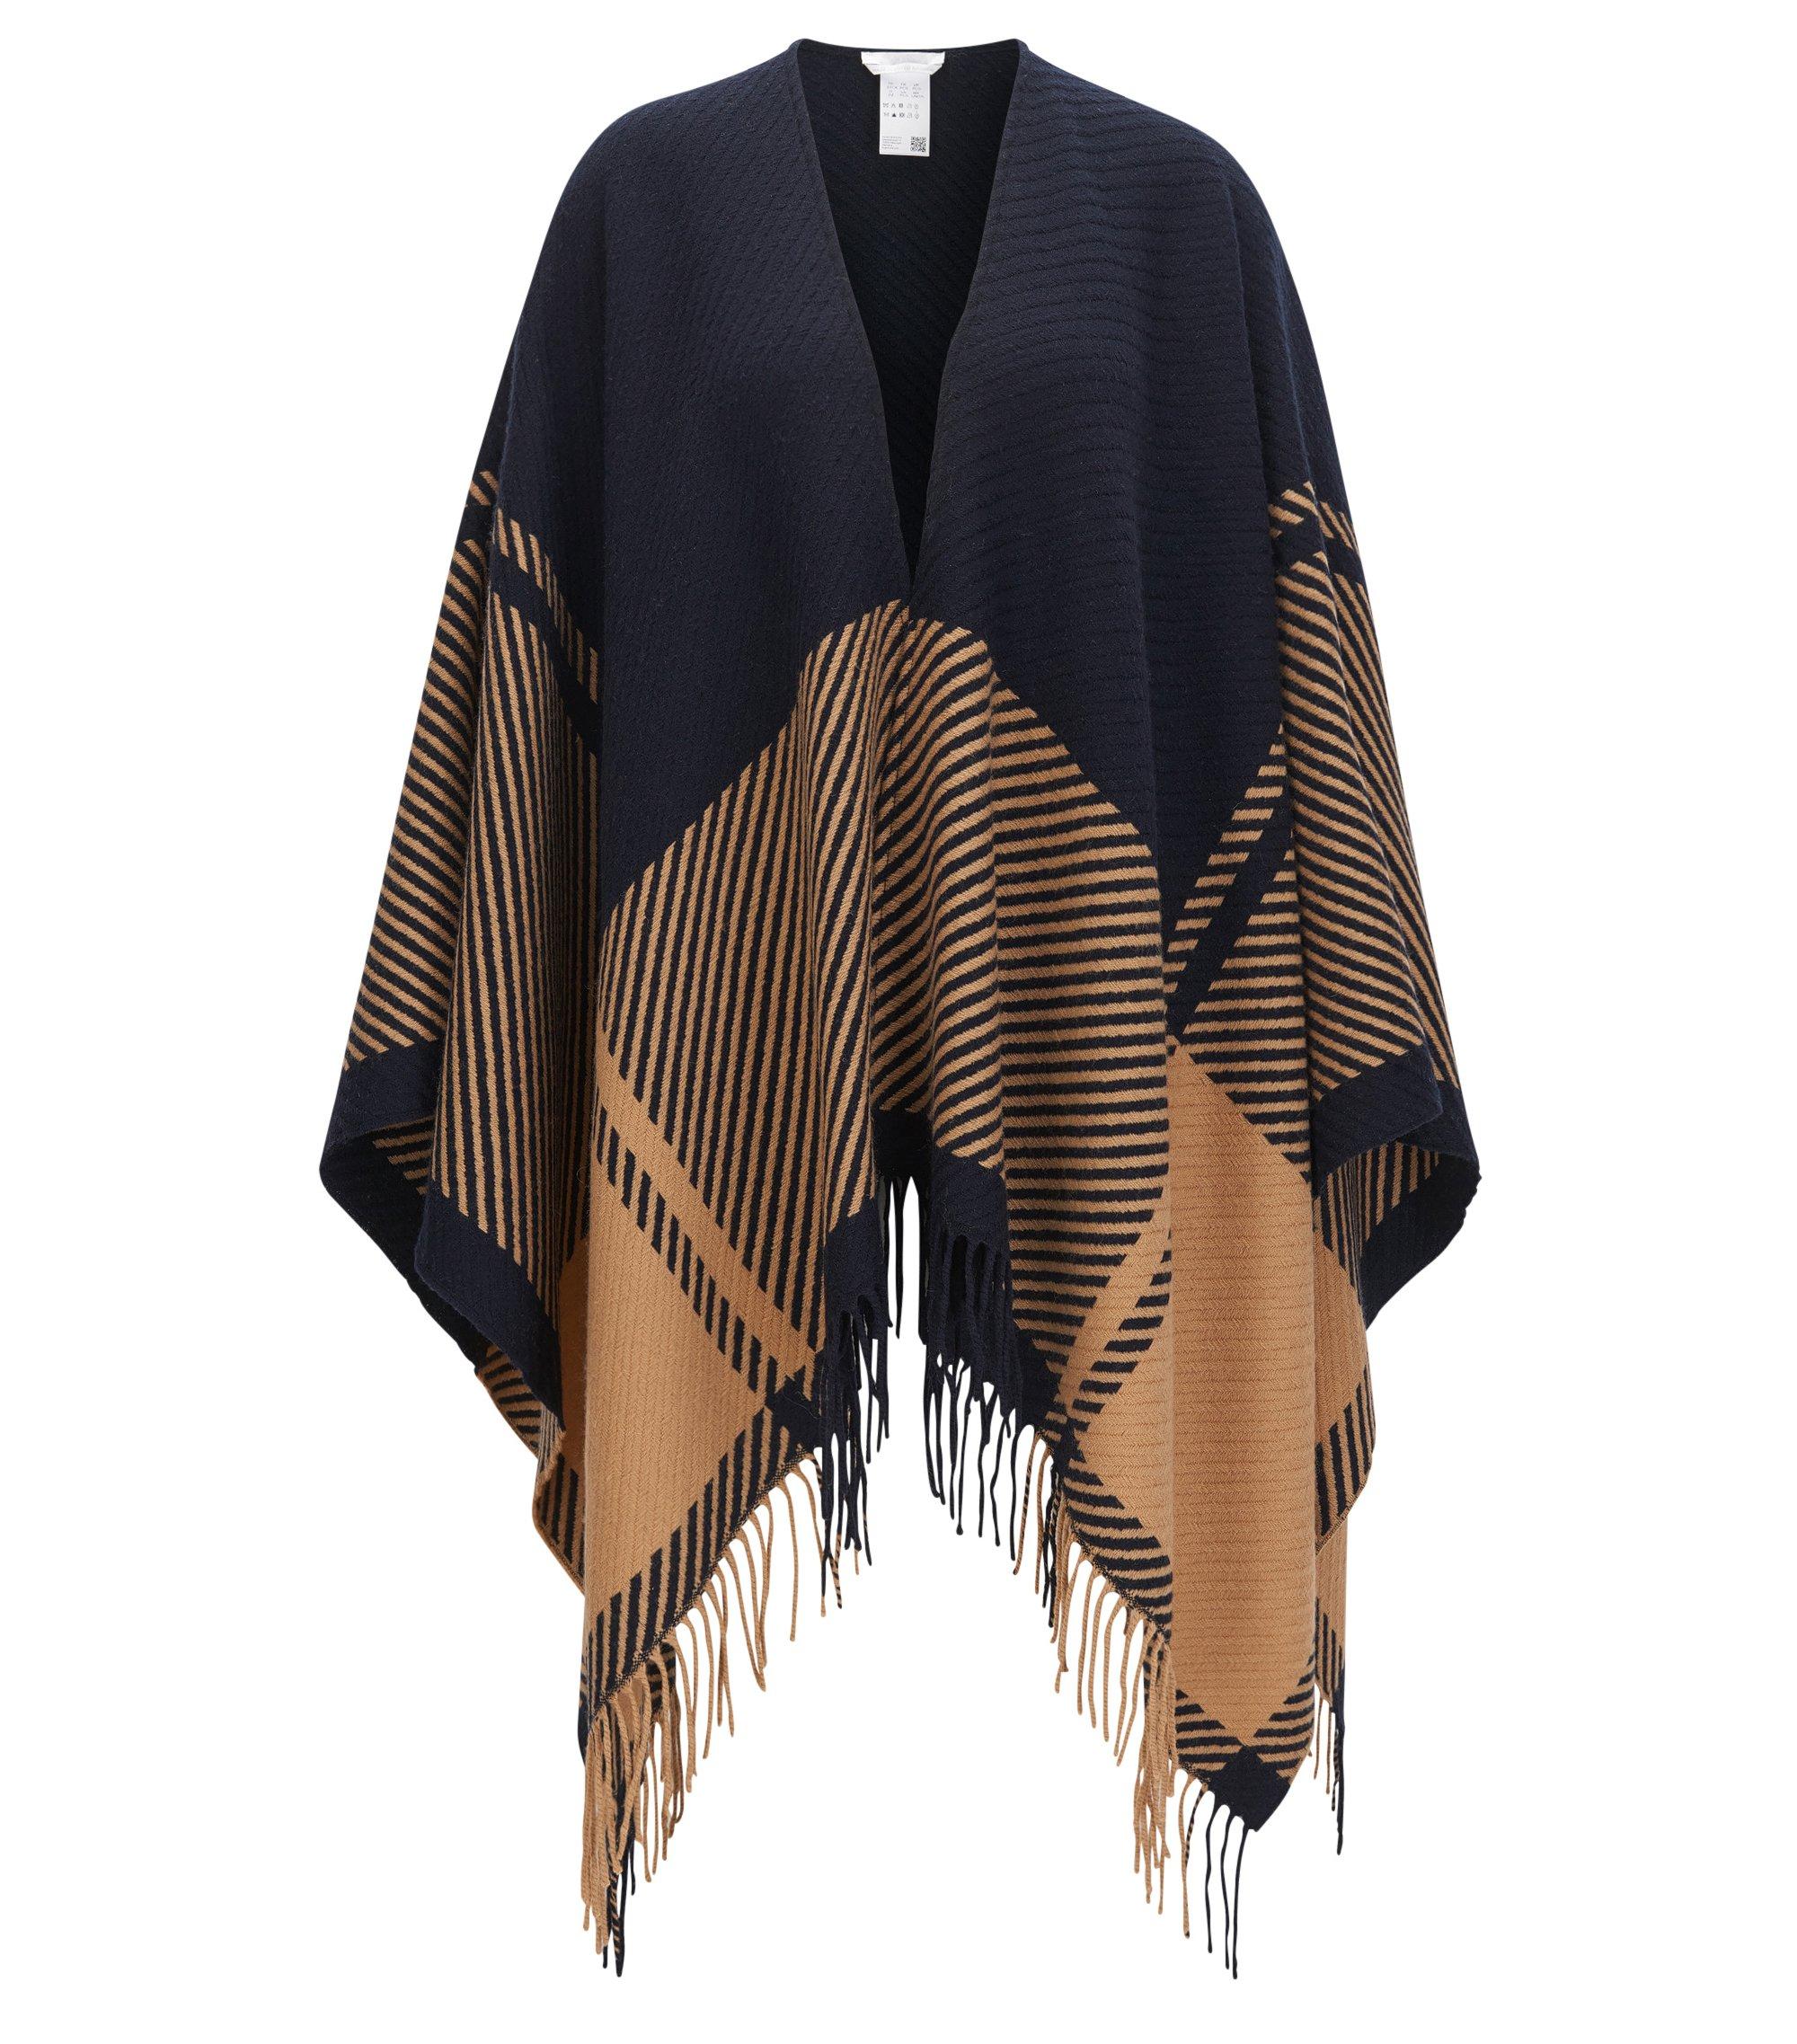 Poncho in misto lana con motivo grafico e frange alle estremità, A disegni